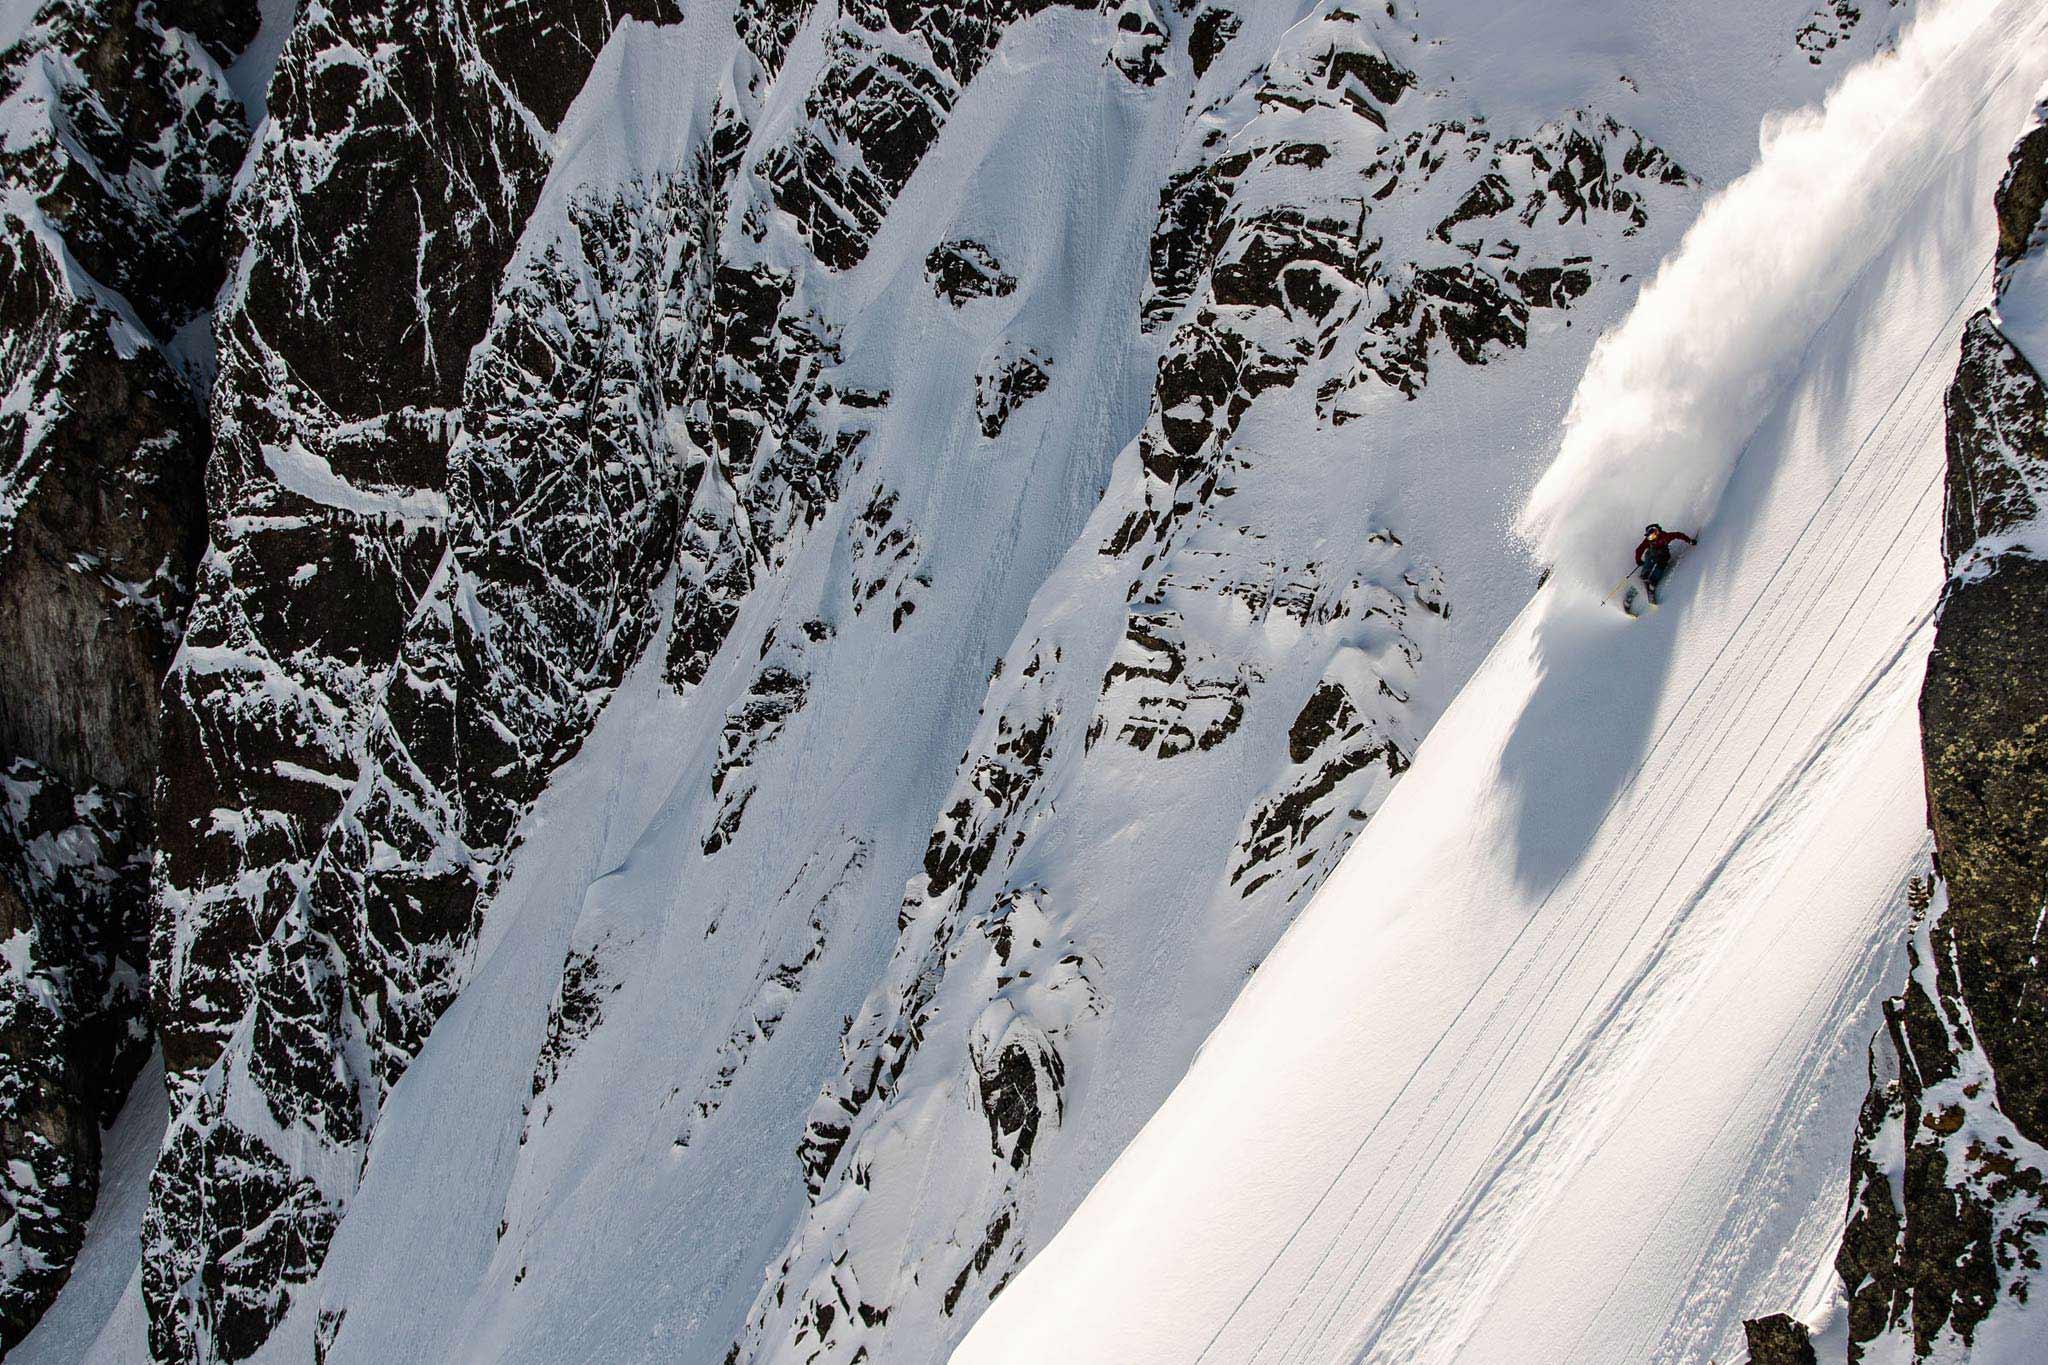 Rider: Fabi Lentsch - Foto: NINE & ONE / Florian Breitenberger